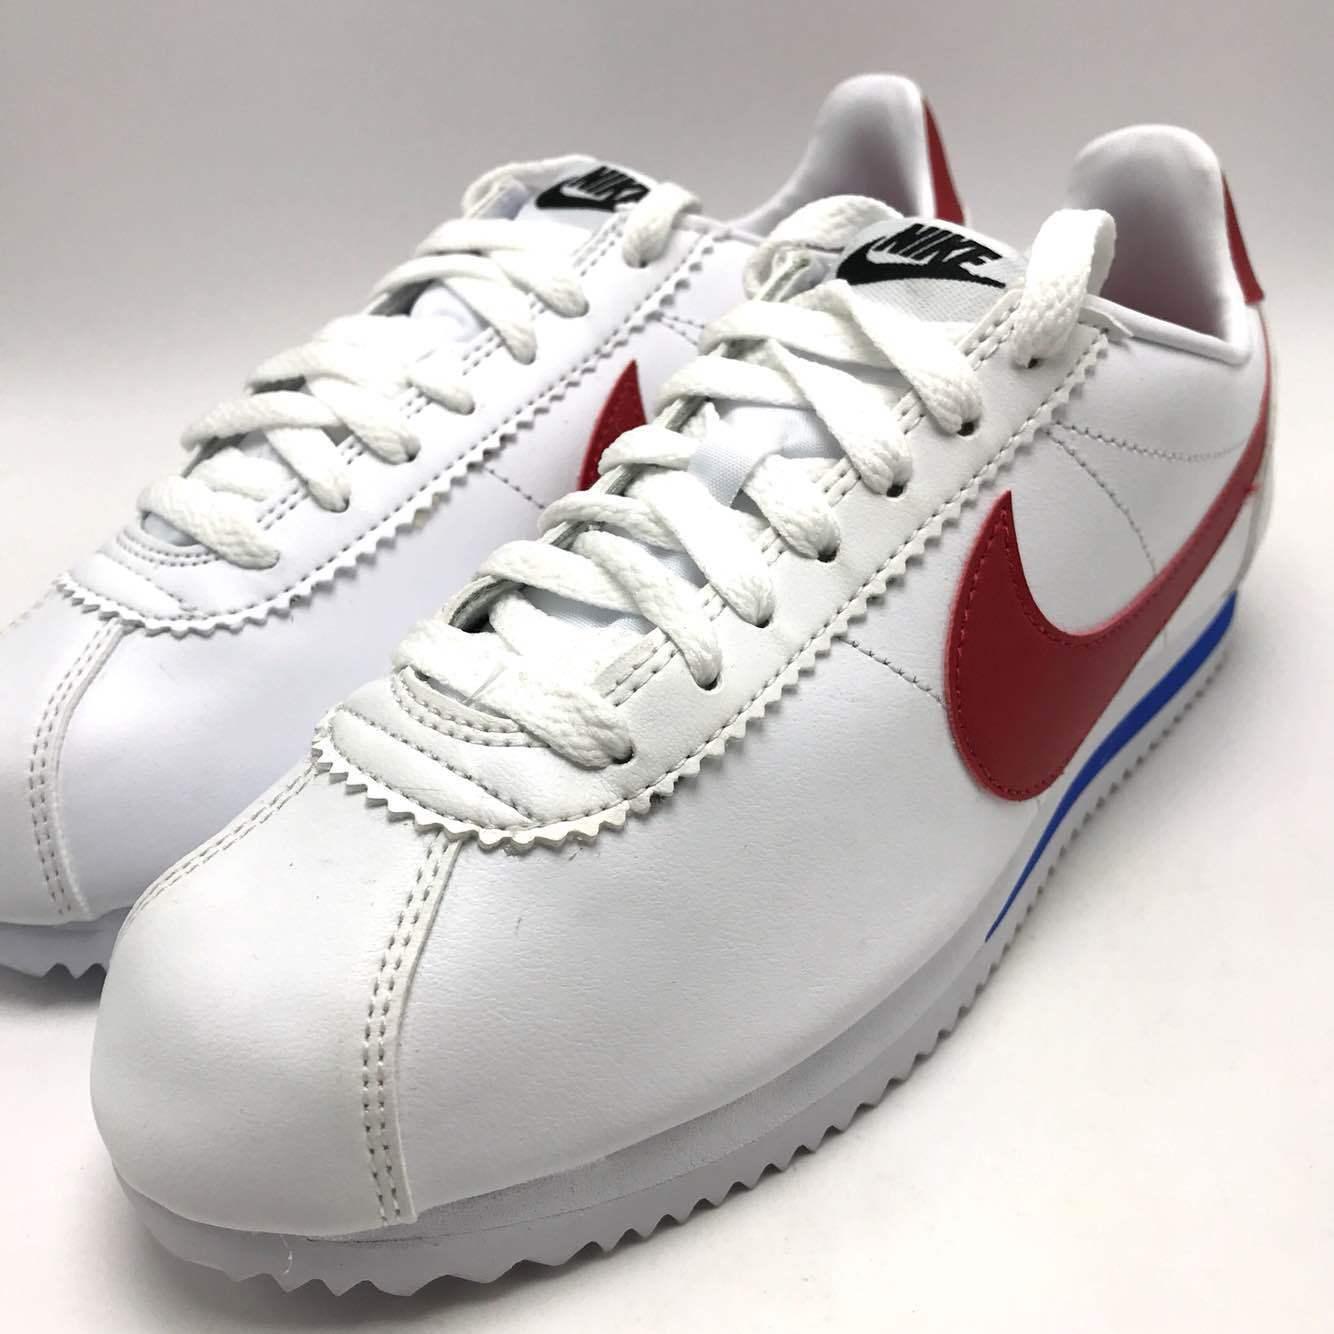 Chaussures Cortez Classic 103 807471 De Femmes Cuir Blanc Nike F14wYv6qpv